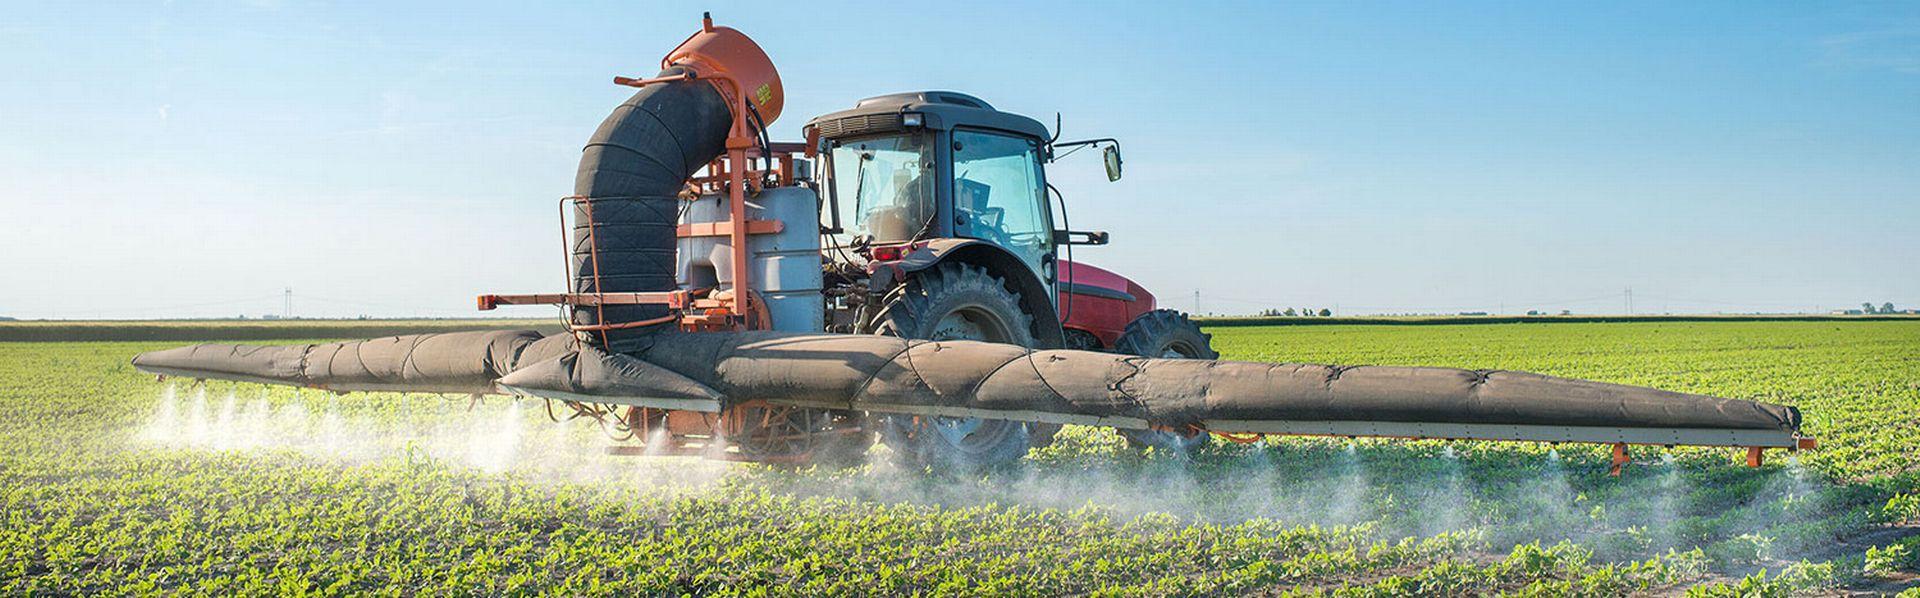 Dossier de RTS Découverte sur les pesticides [fotokostic - Depositphotos]